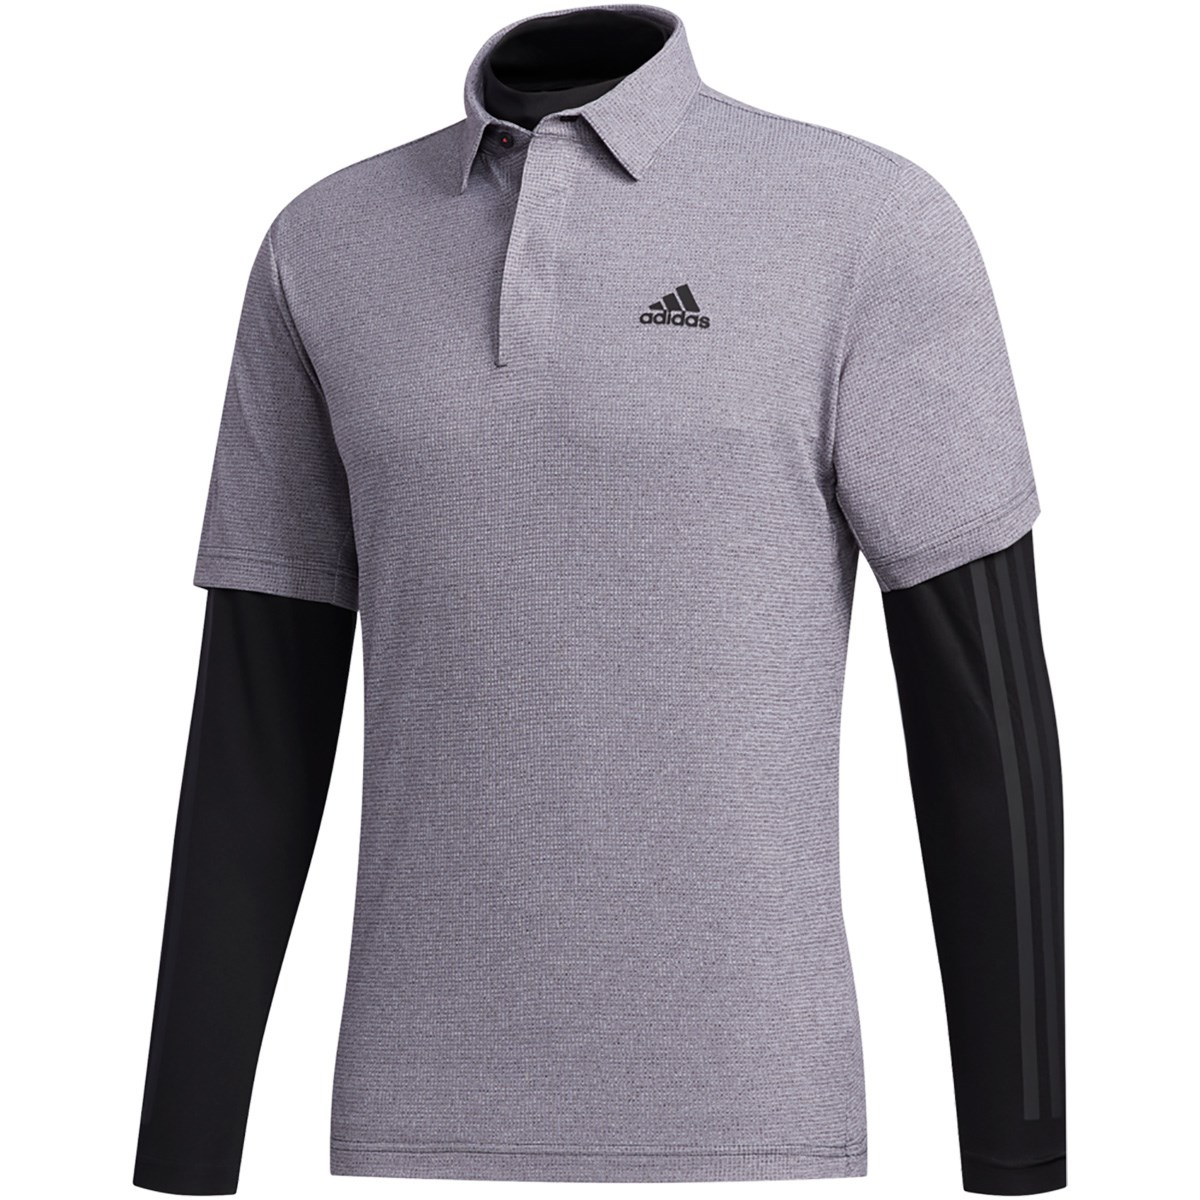 アディダス Adidas ワッフルメランジ レイヤード 半袖ポロシャツ S ブラック